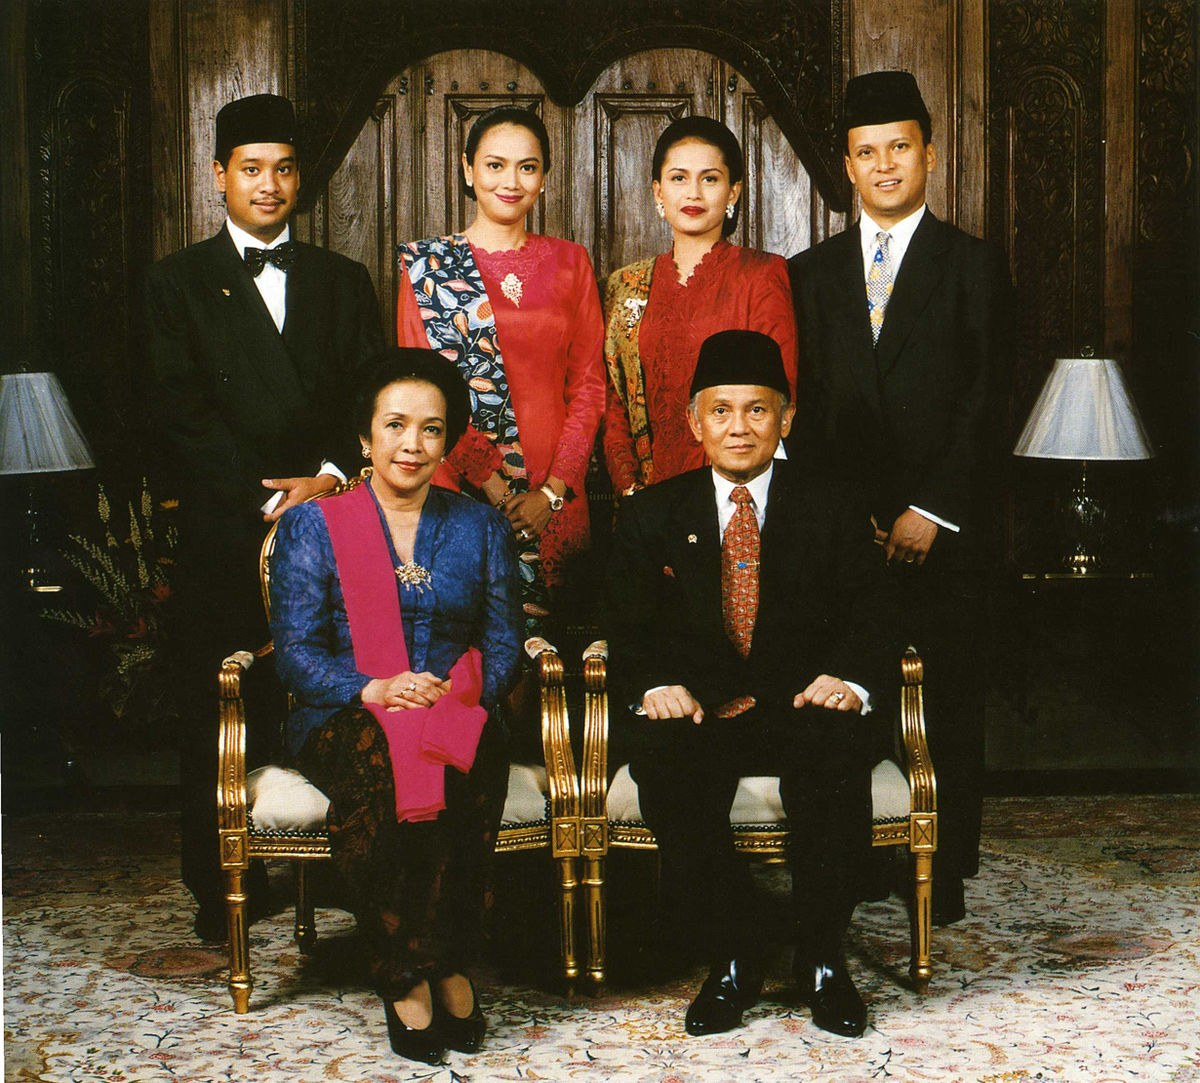 Bentuk Model Gaun Pengantin Muslim Modern Fmdf National Costume Of Indonesia